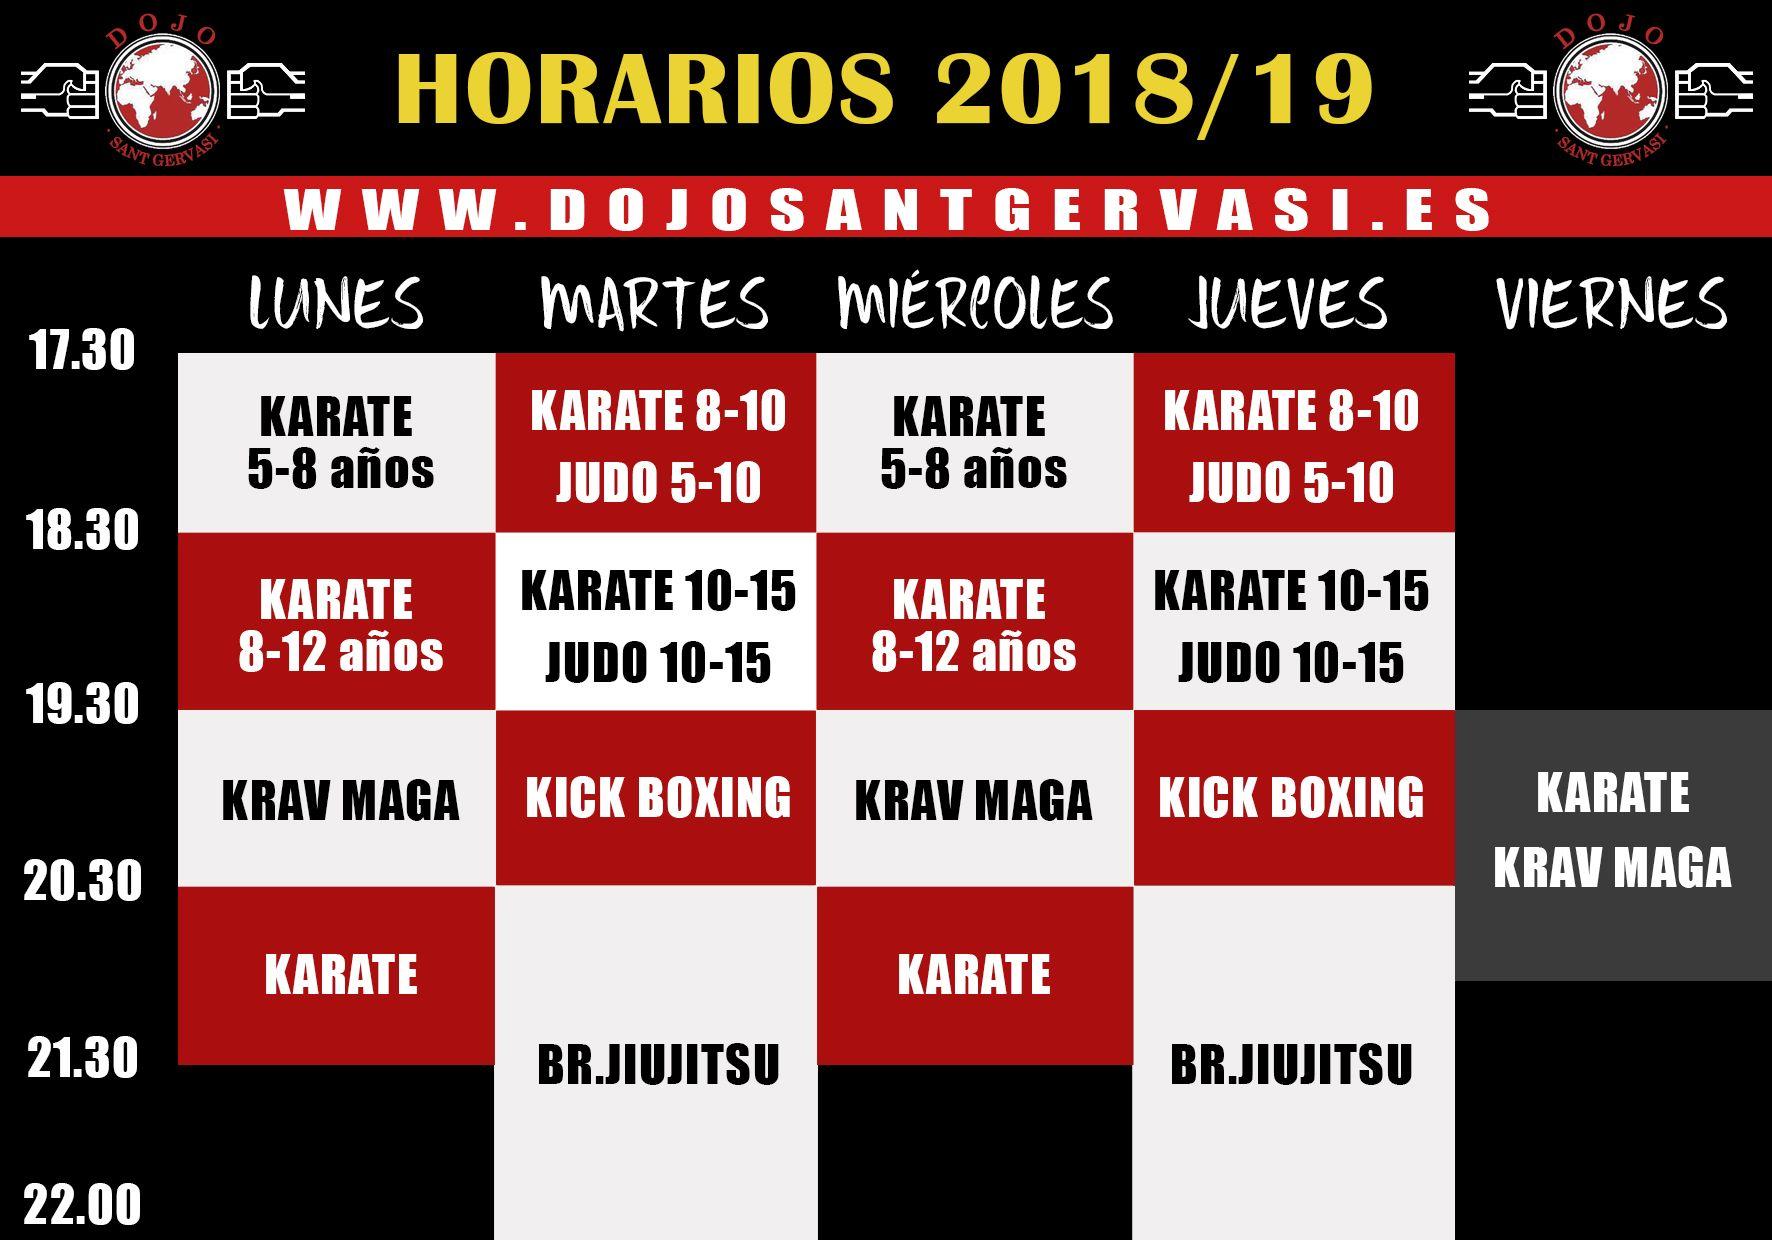 Horarios de artes marciales en Dojo Sant Gervasi de Barcelona